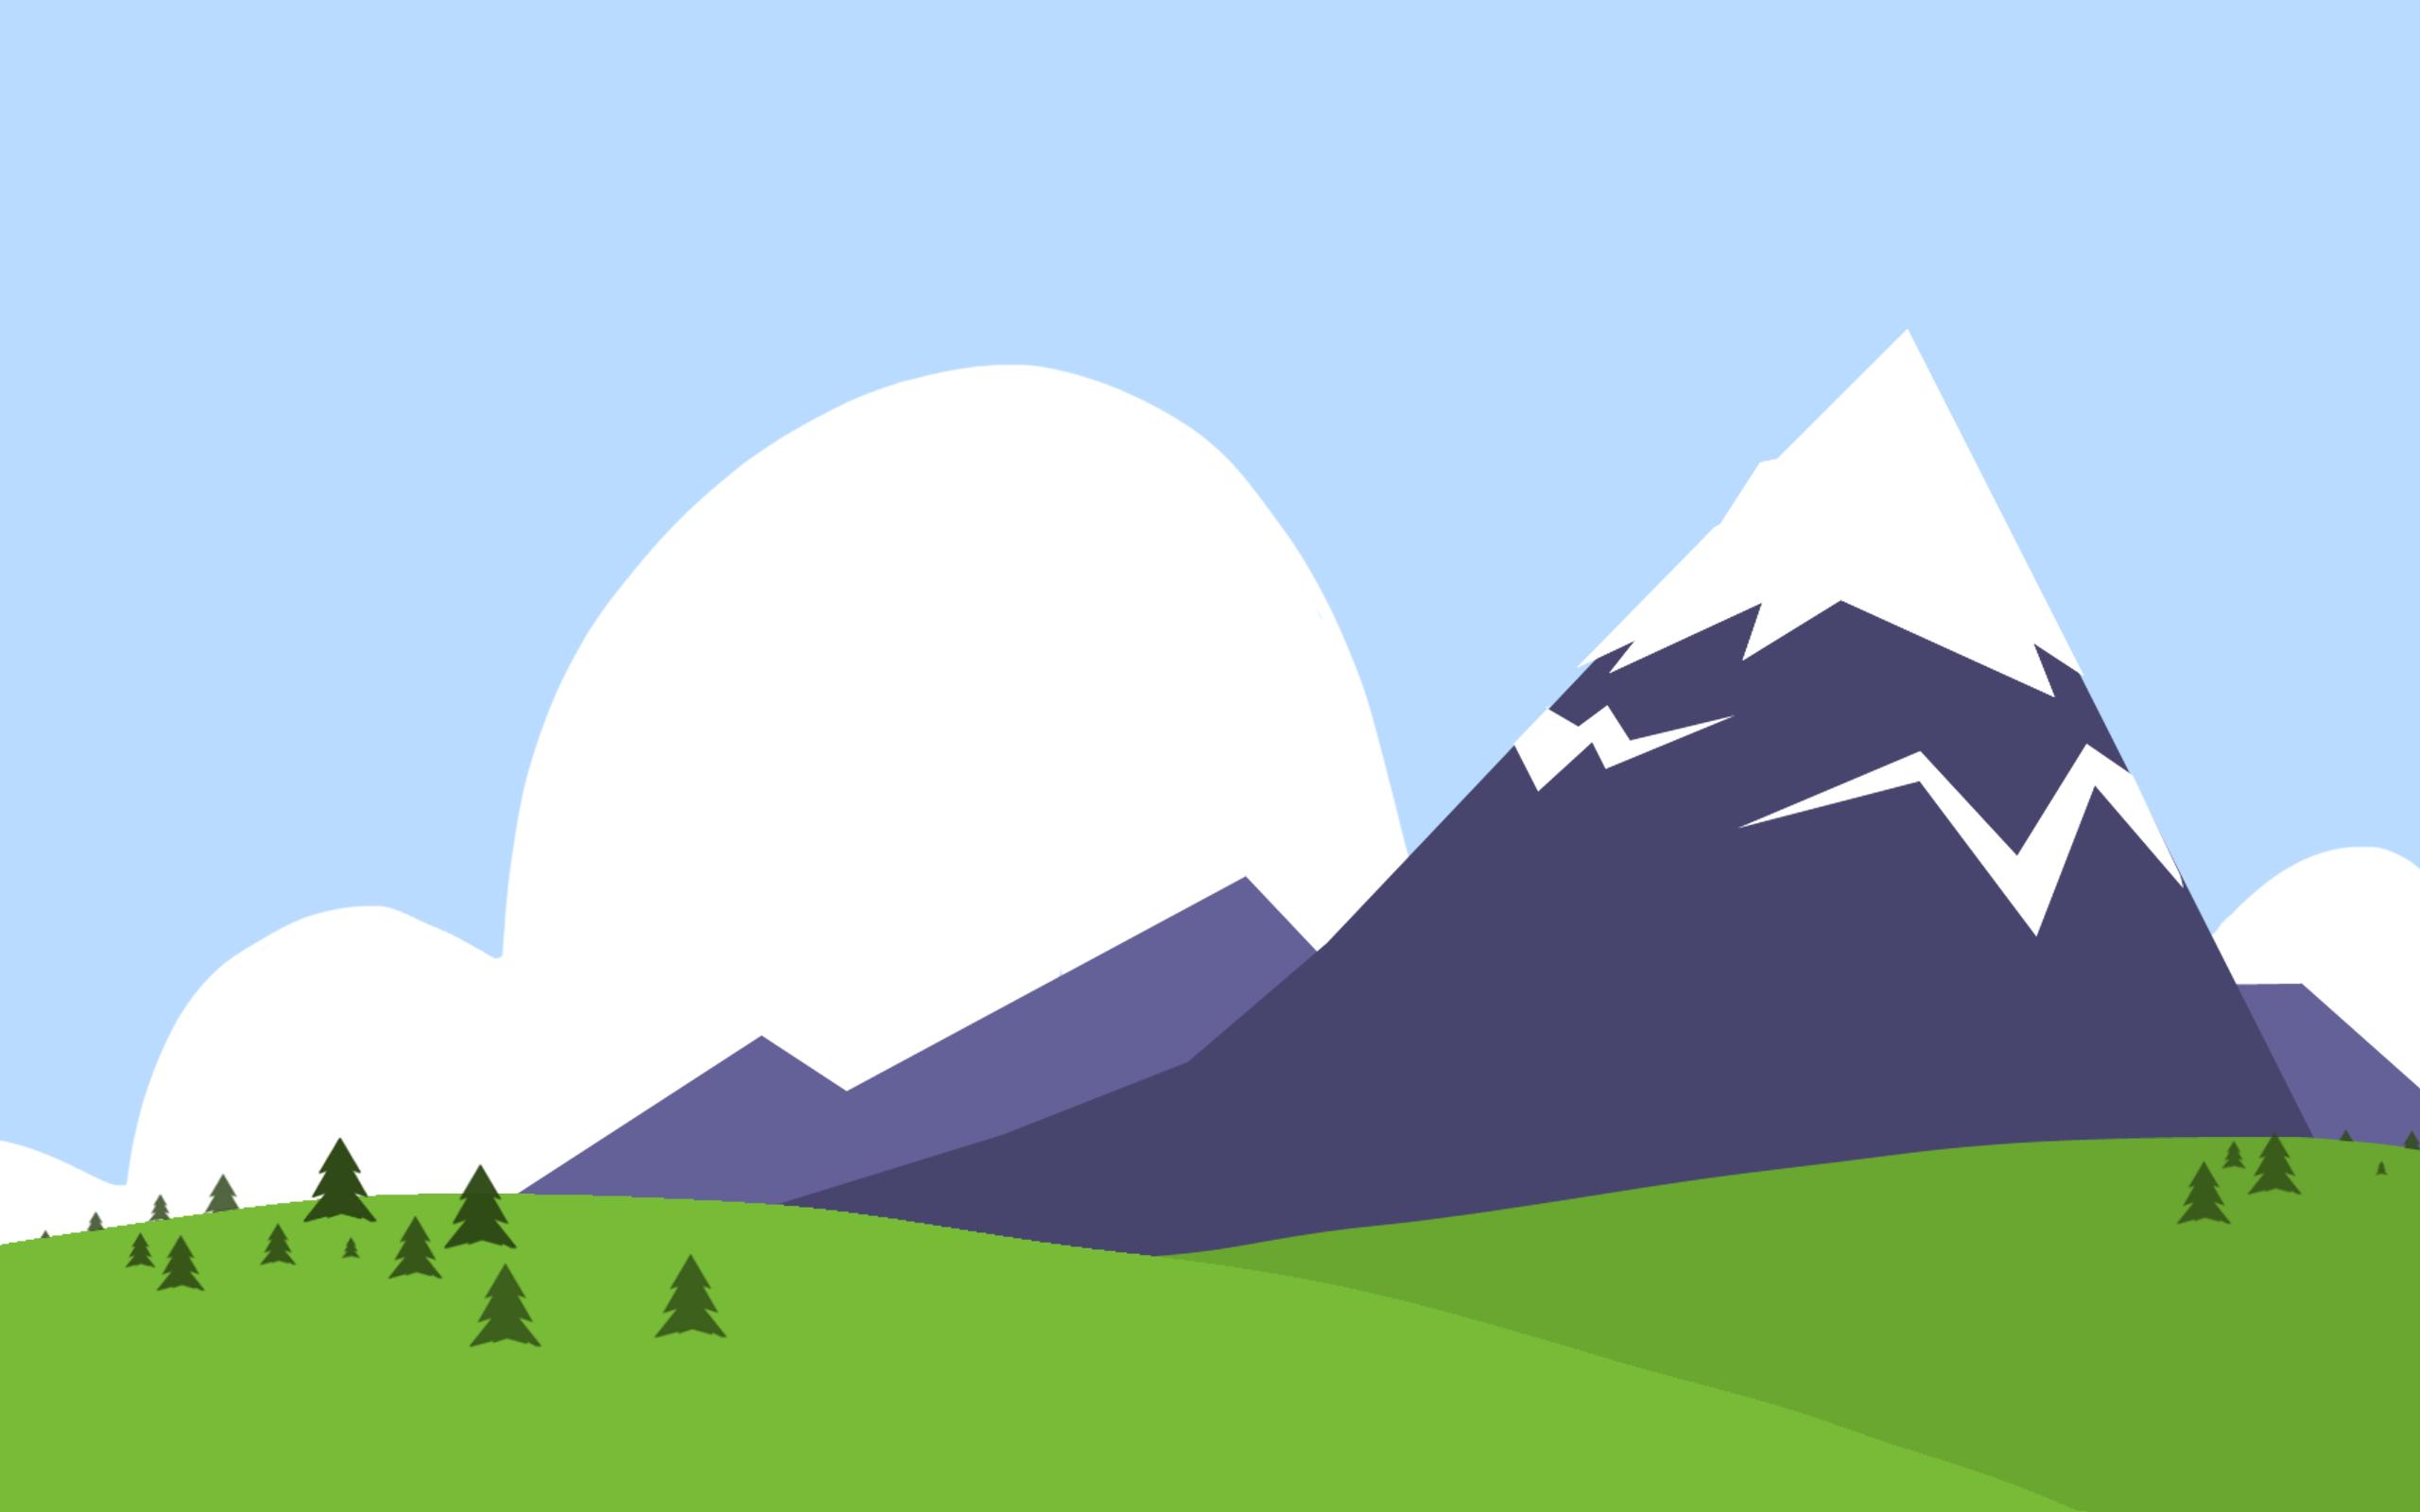 Mountain clipart cartoon Illustrations clipart  Mountain Mountain